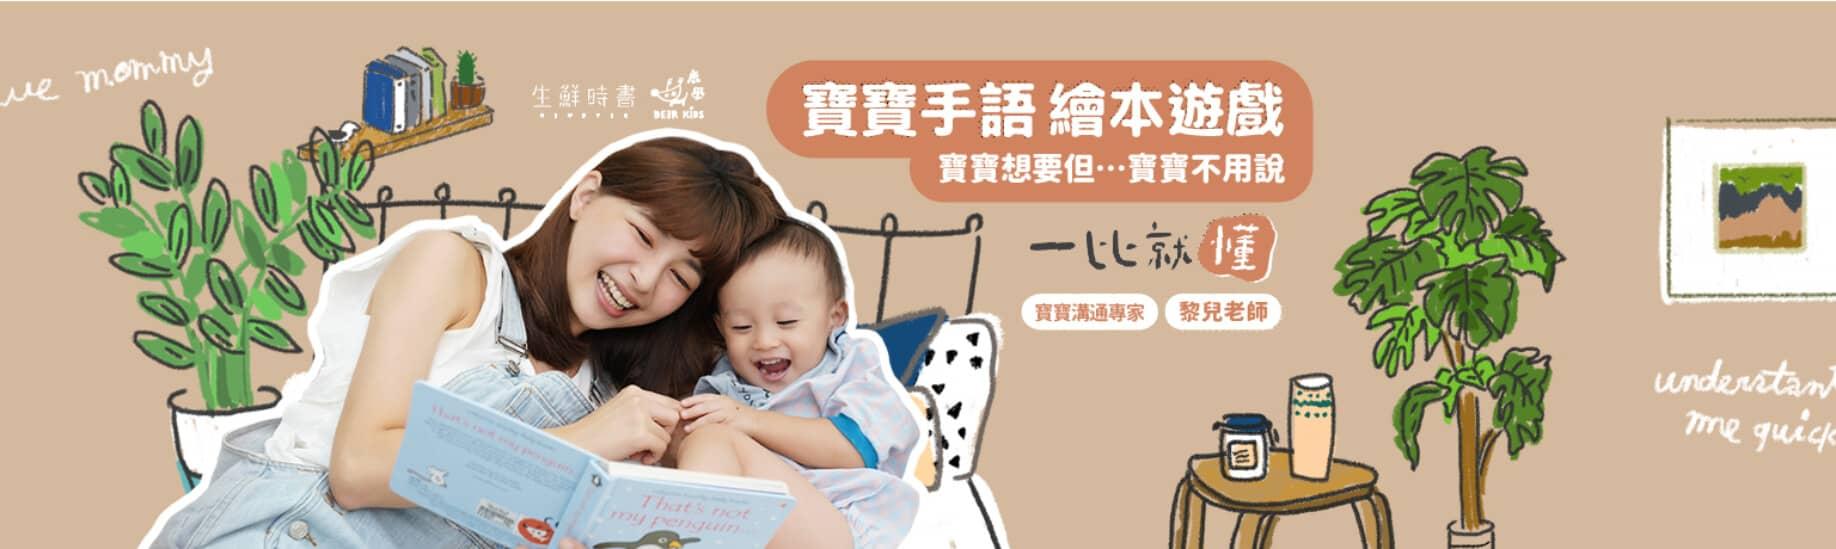 寶寶手語 X 繪本遊戲:寶寶想要但寶寶不用說,一比就懂